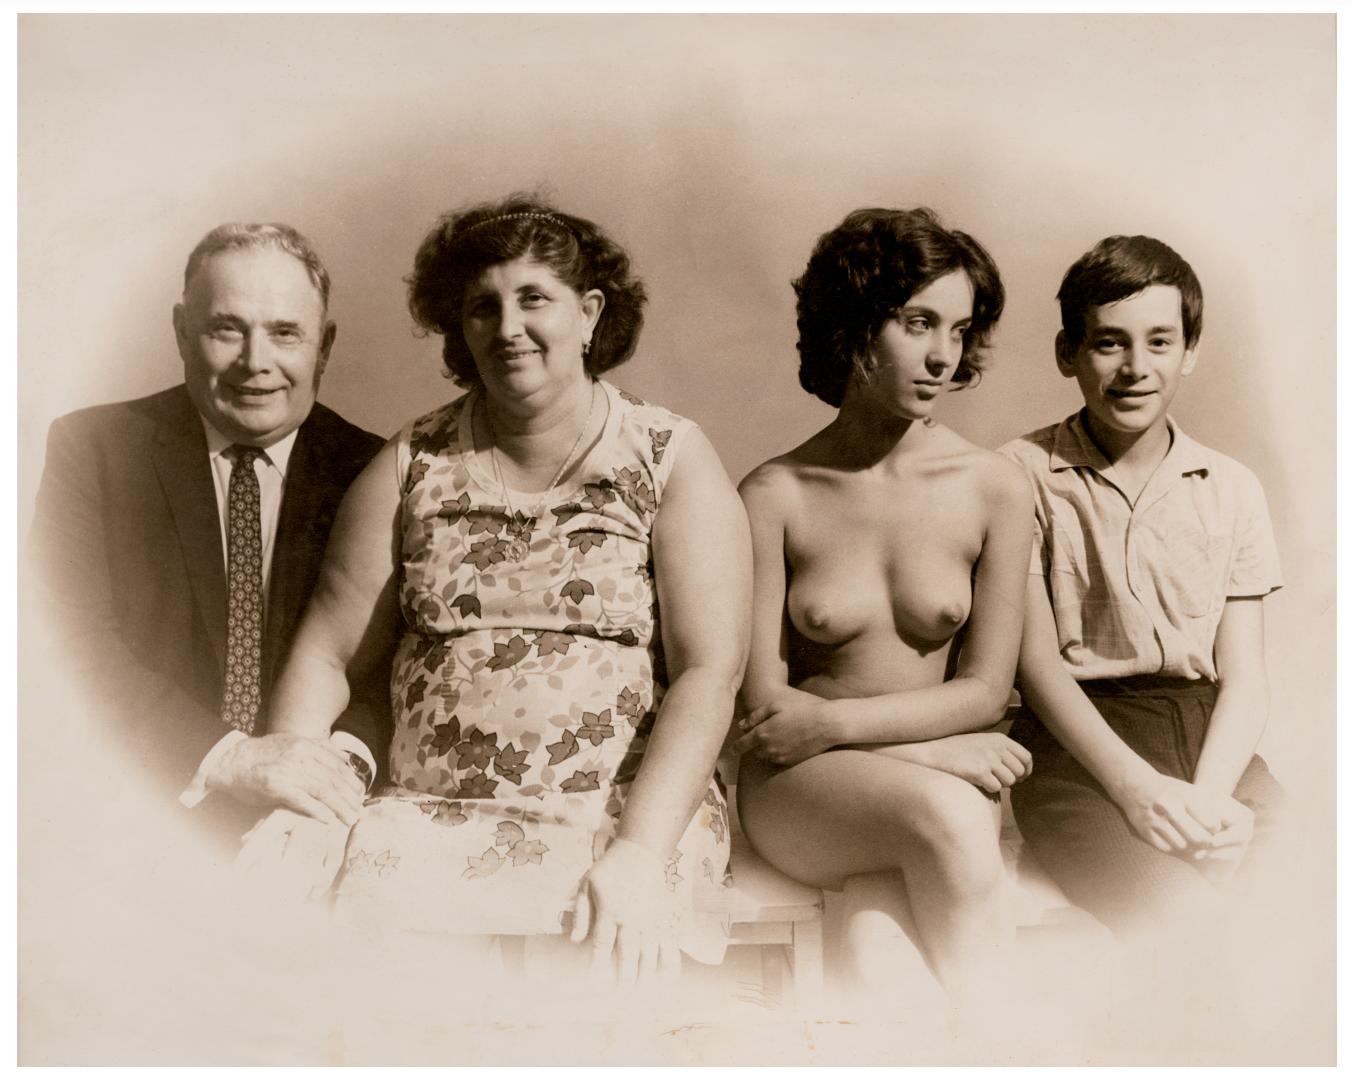 Török László, A család I Family, 1972 © Török László